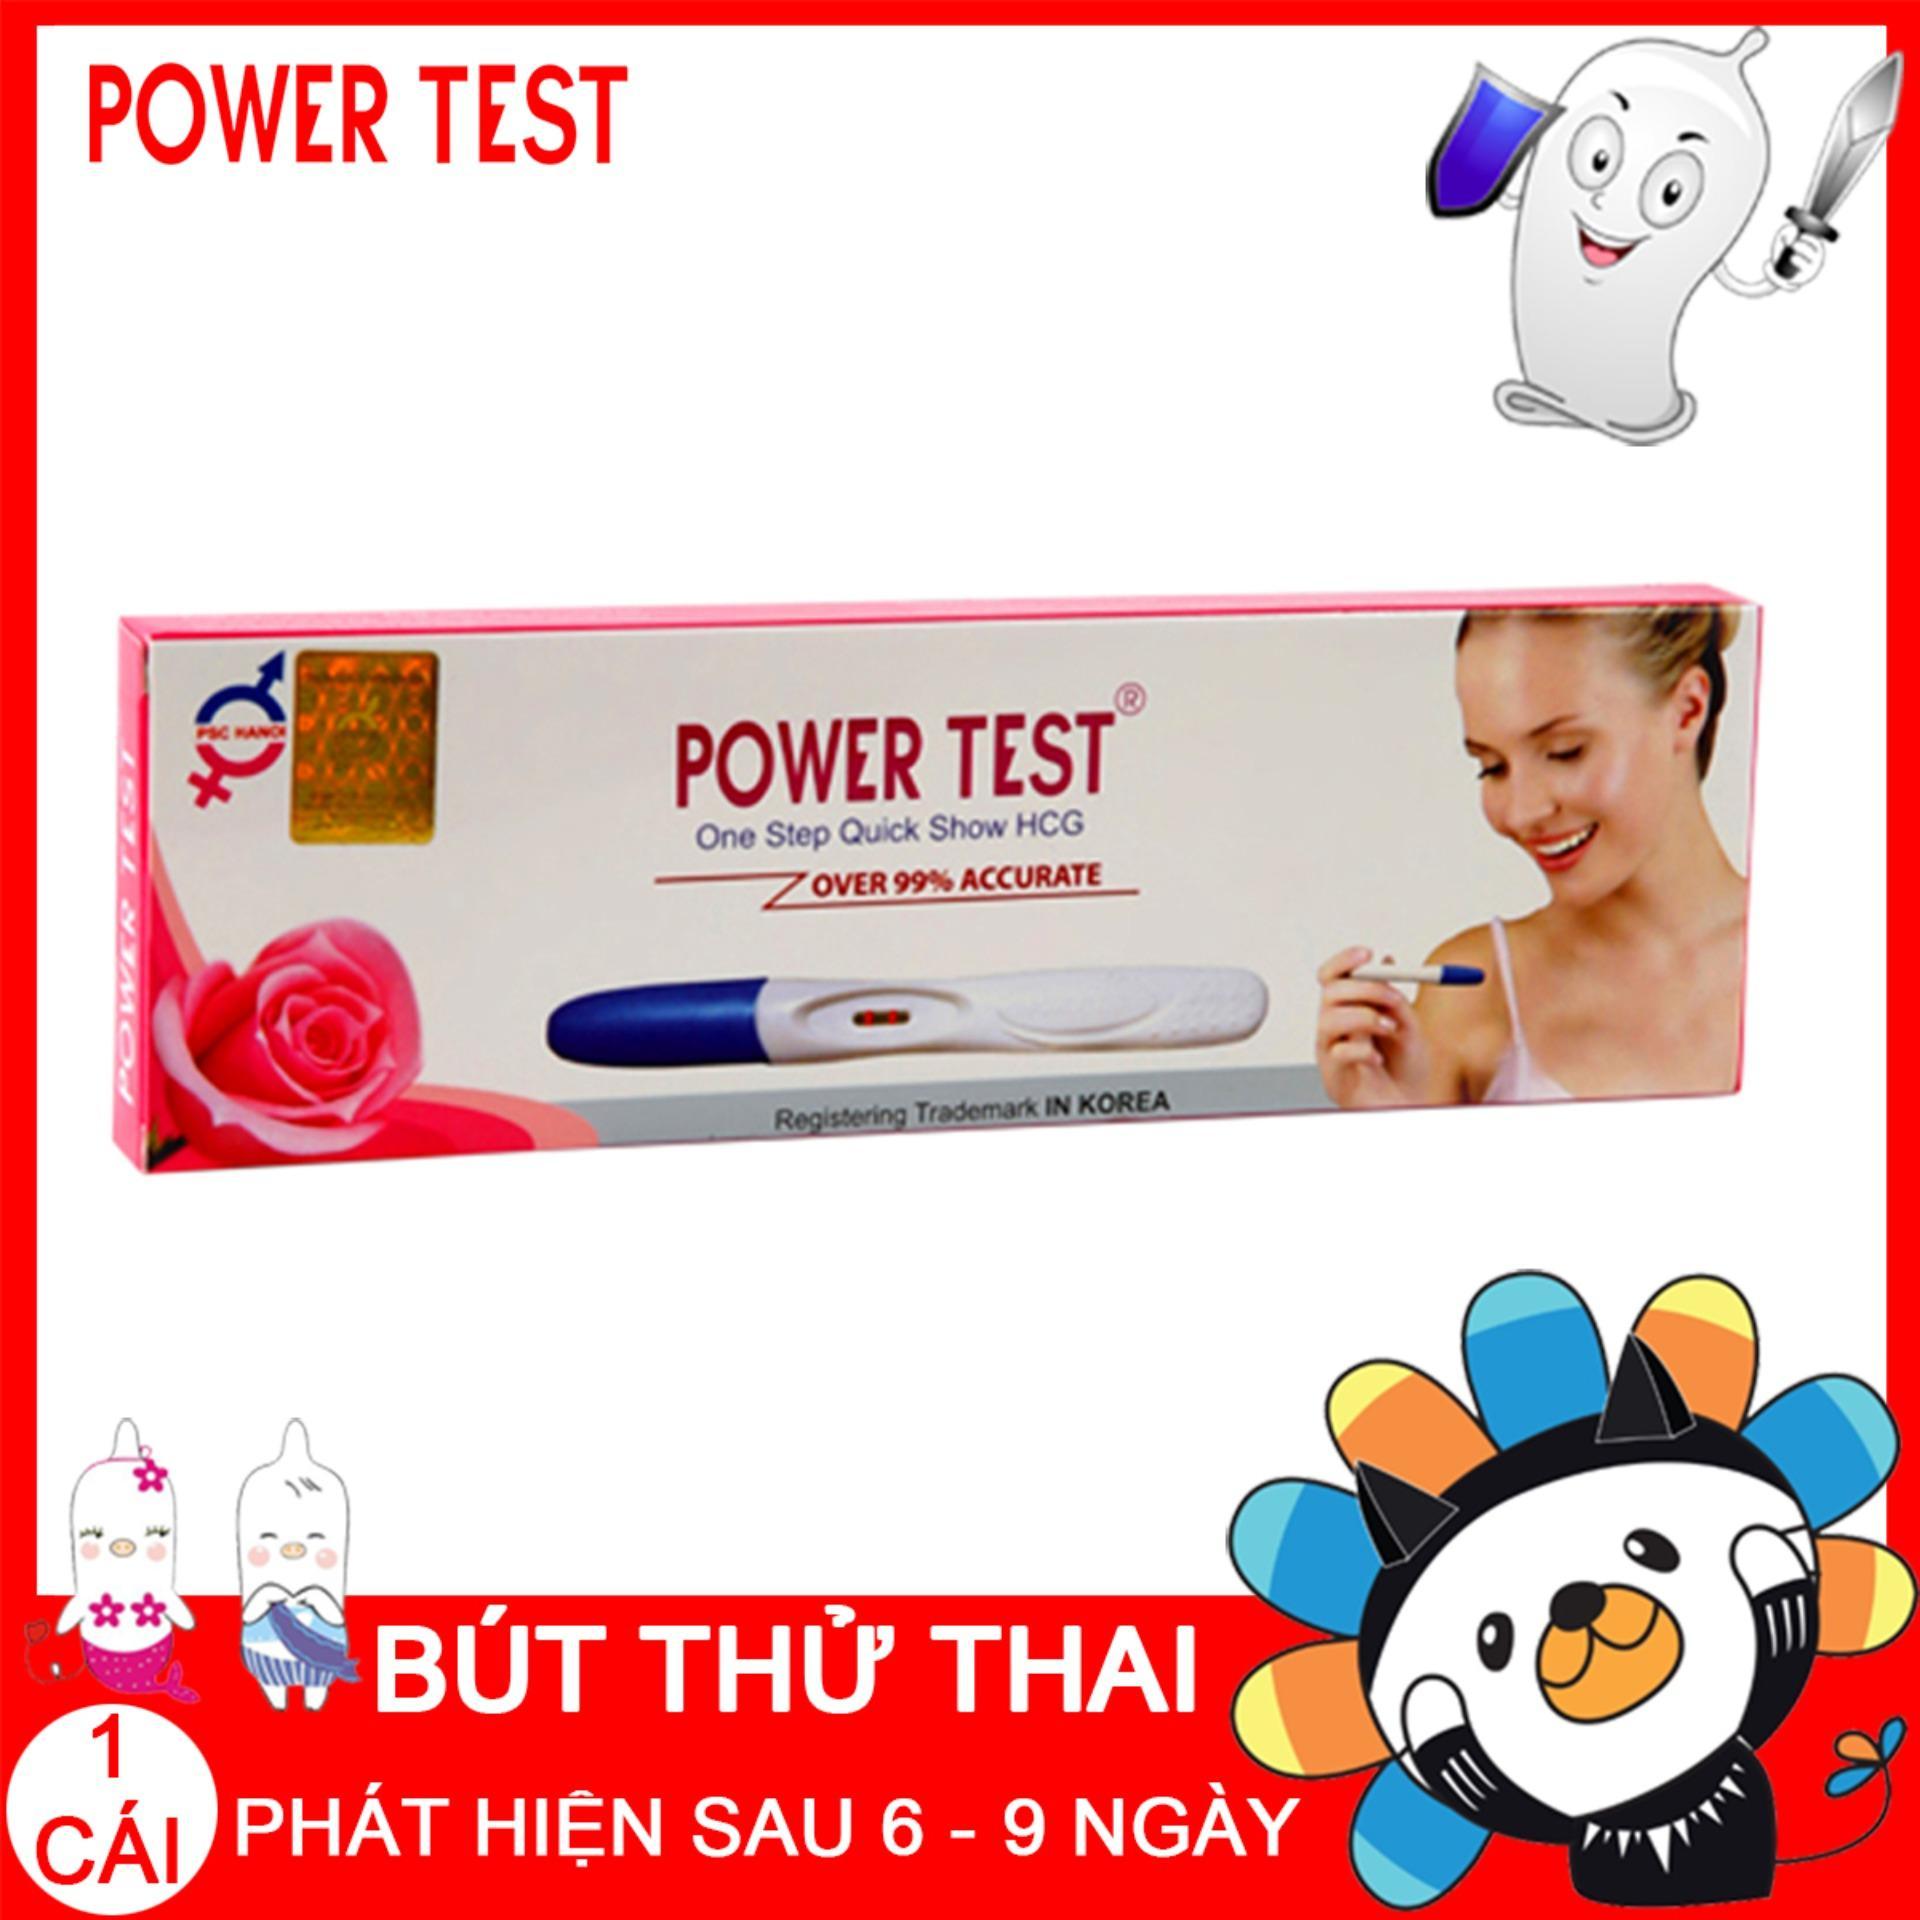 Bút thử thai POWERTEST phát hiện thai sớm nhập khẩu